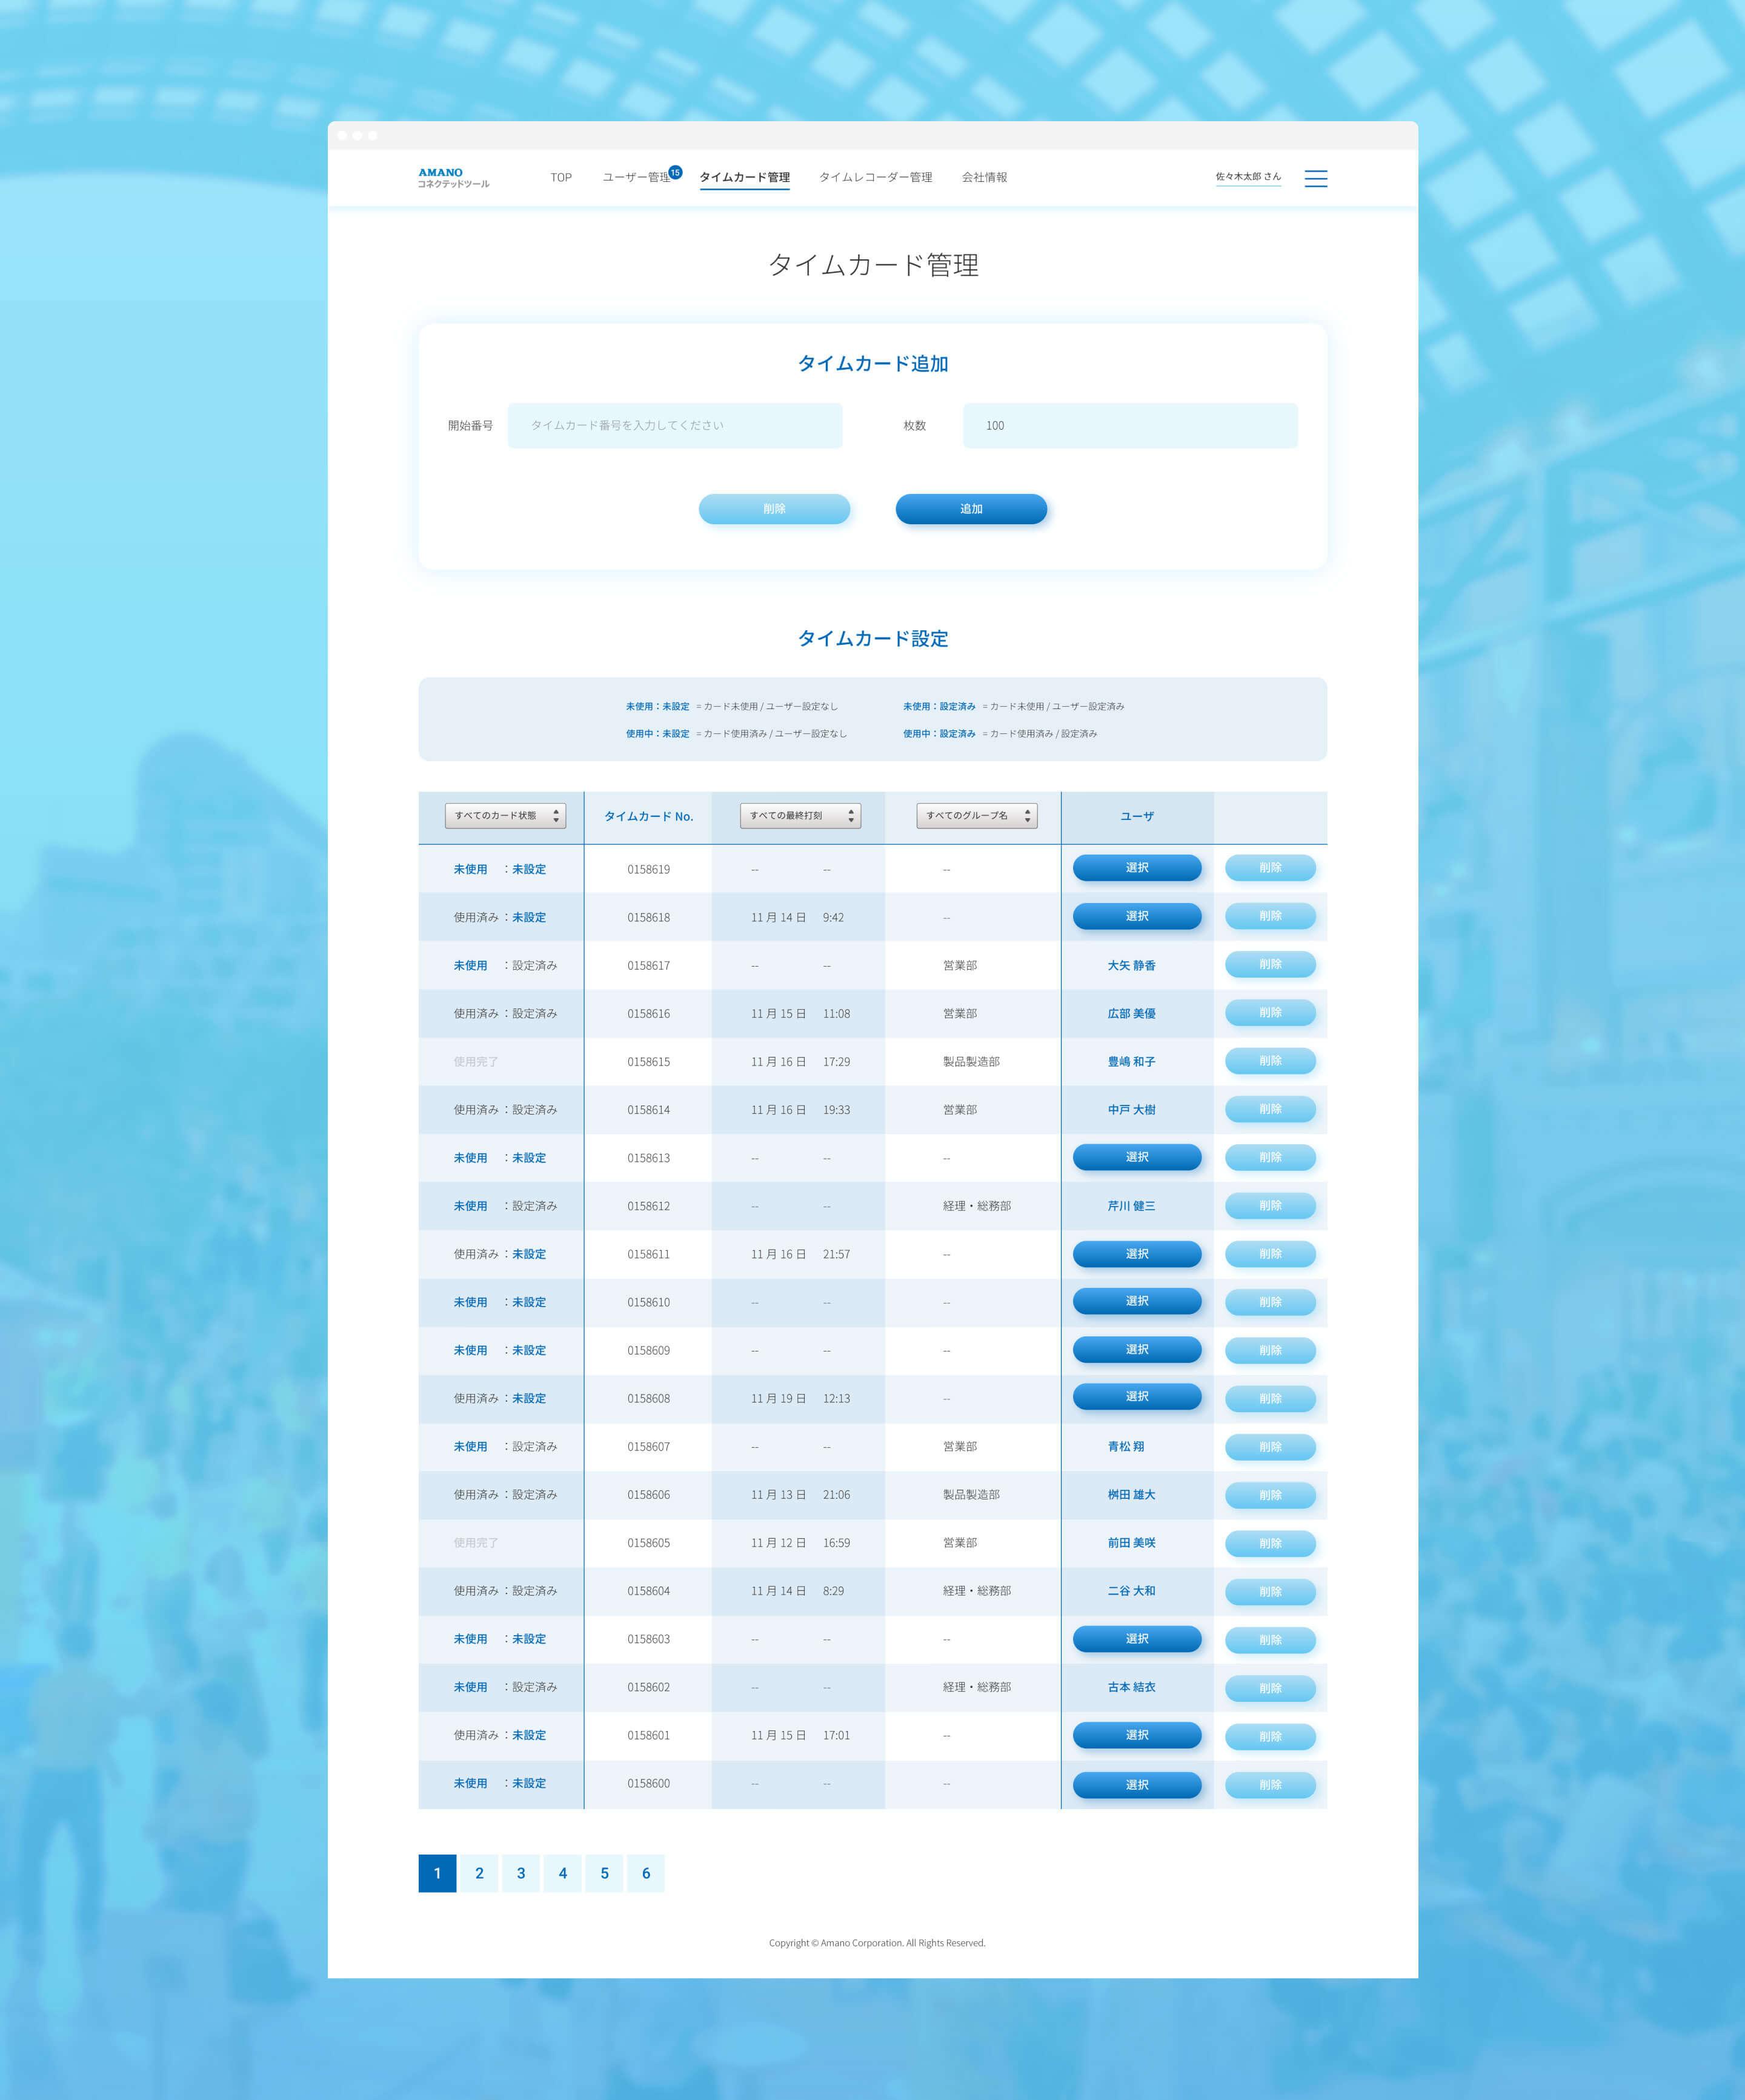 アマノ | コネクテッドツール | UI デザイン | AMANO Connected tool | Attendance management tool that connects to the cloud | UI design